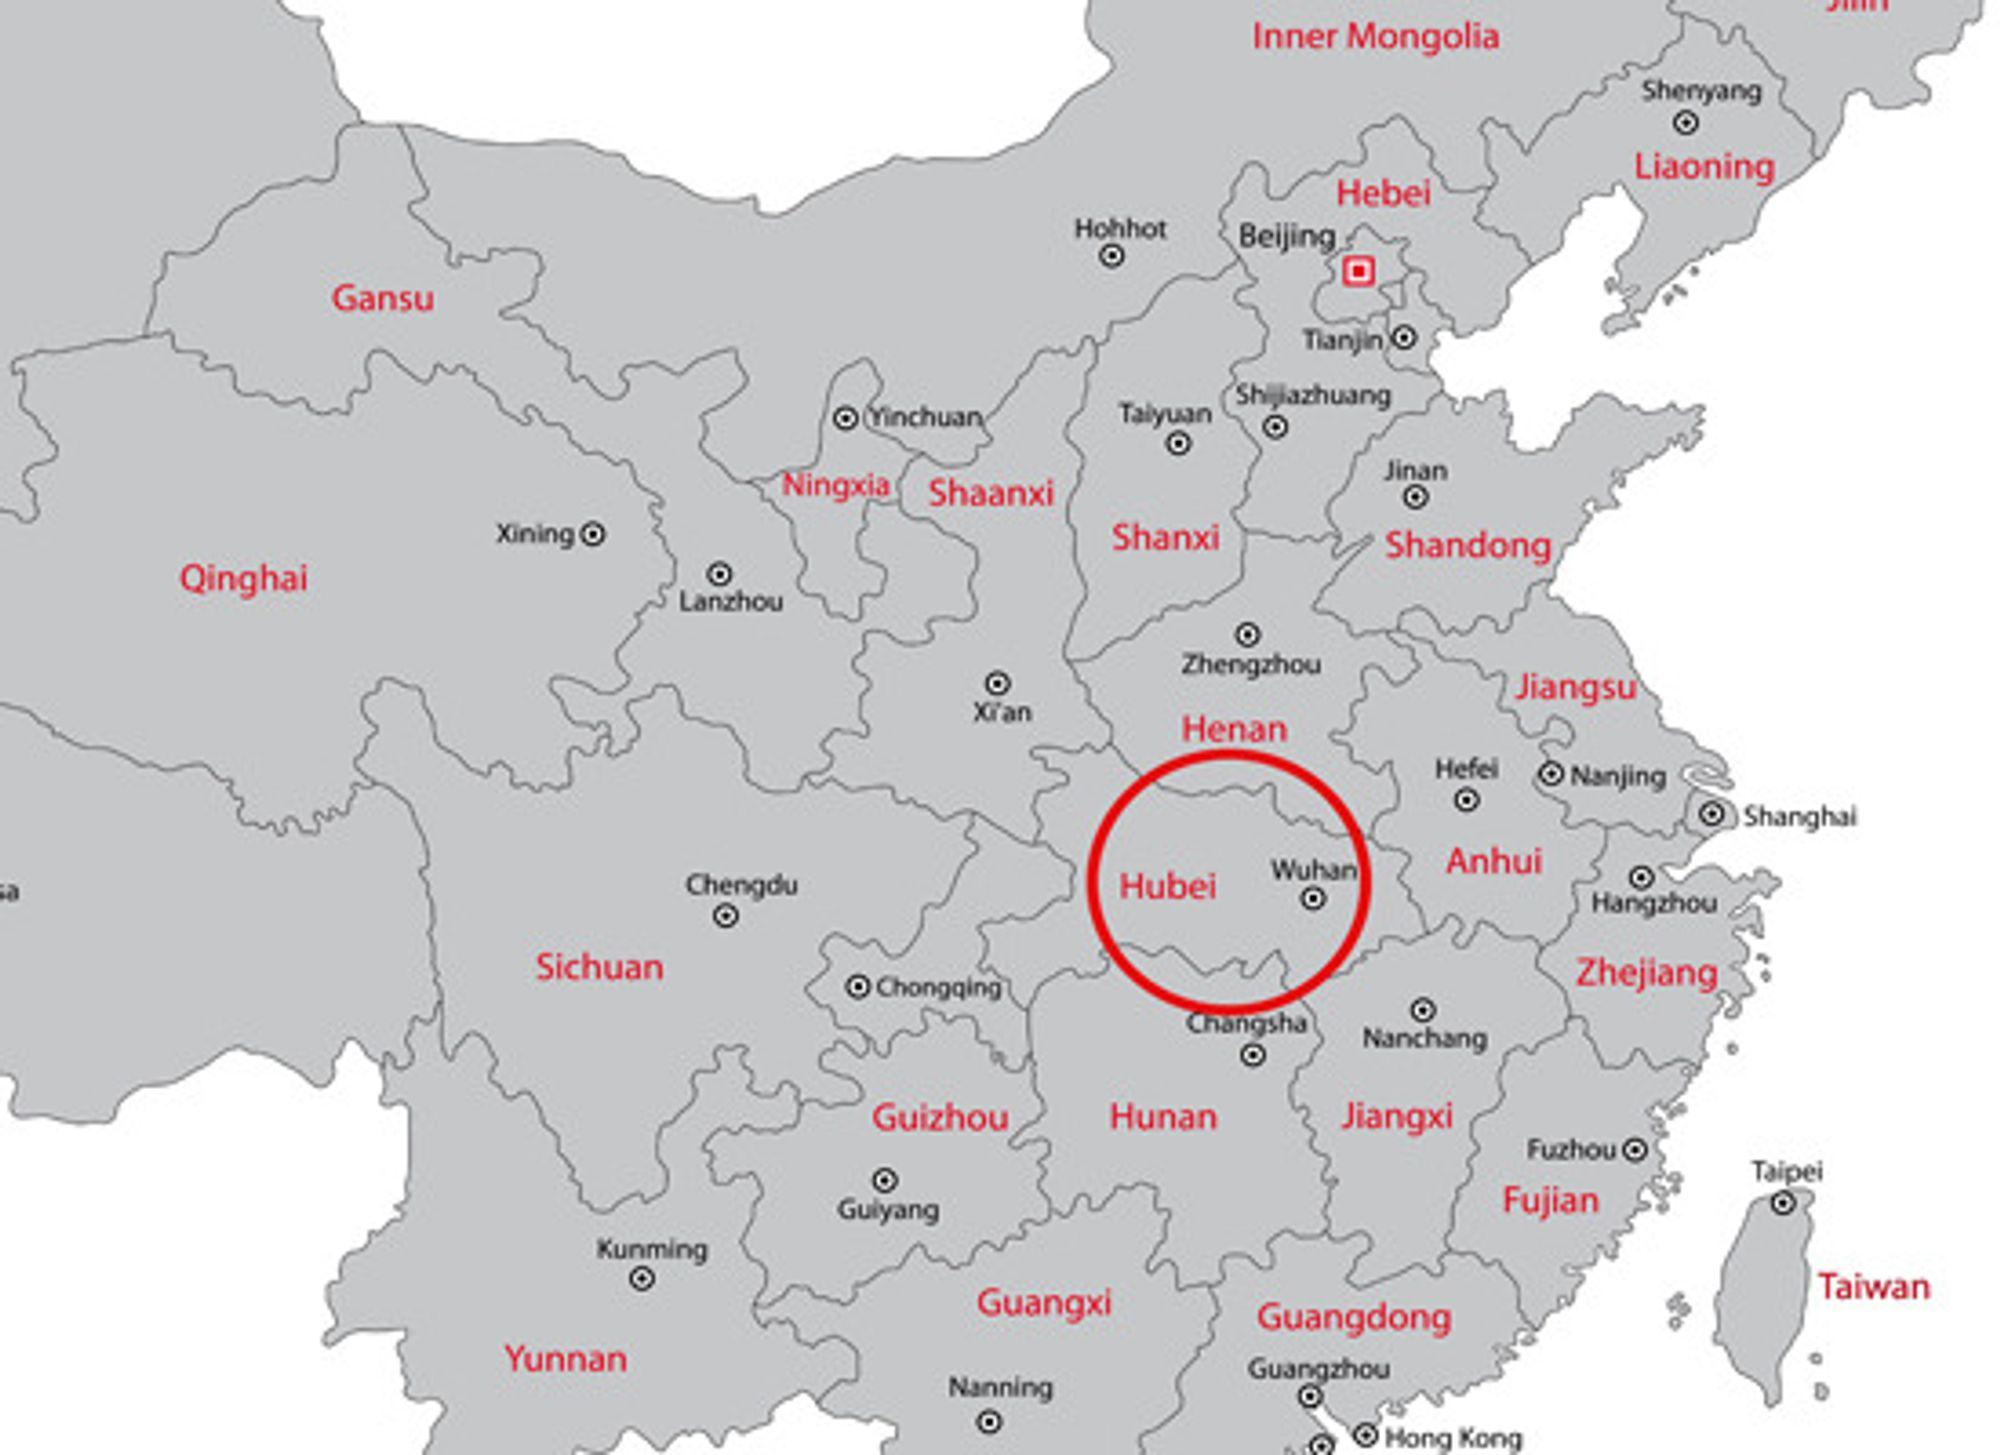 Wuhan ligger midt mellom Beijing i nord og aksen Guangzhou / Hongkong i sør.